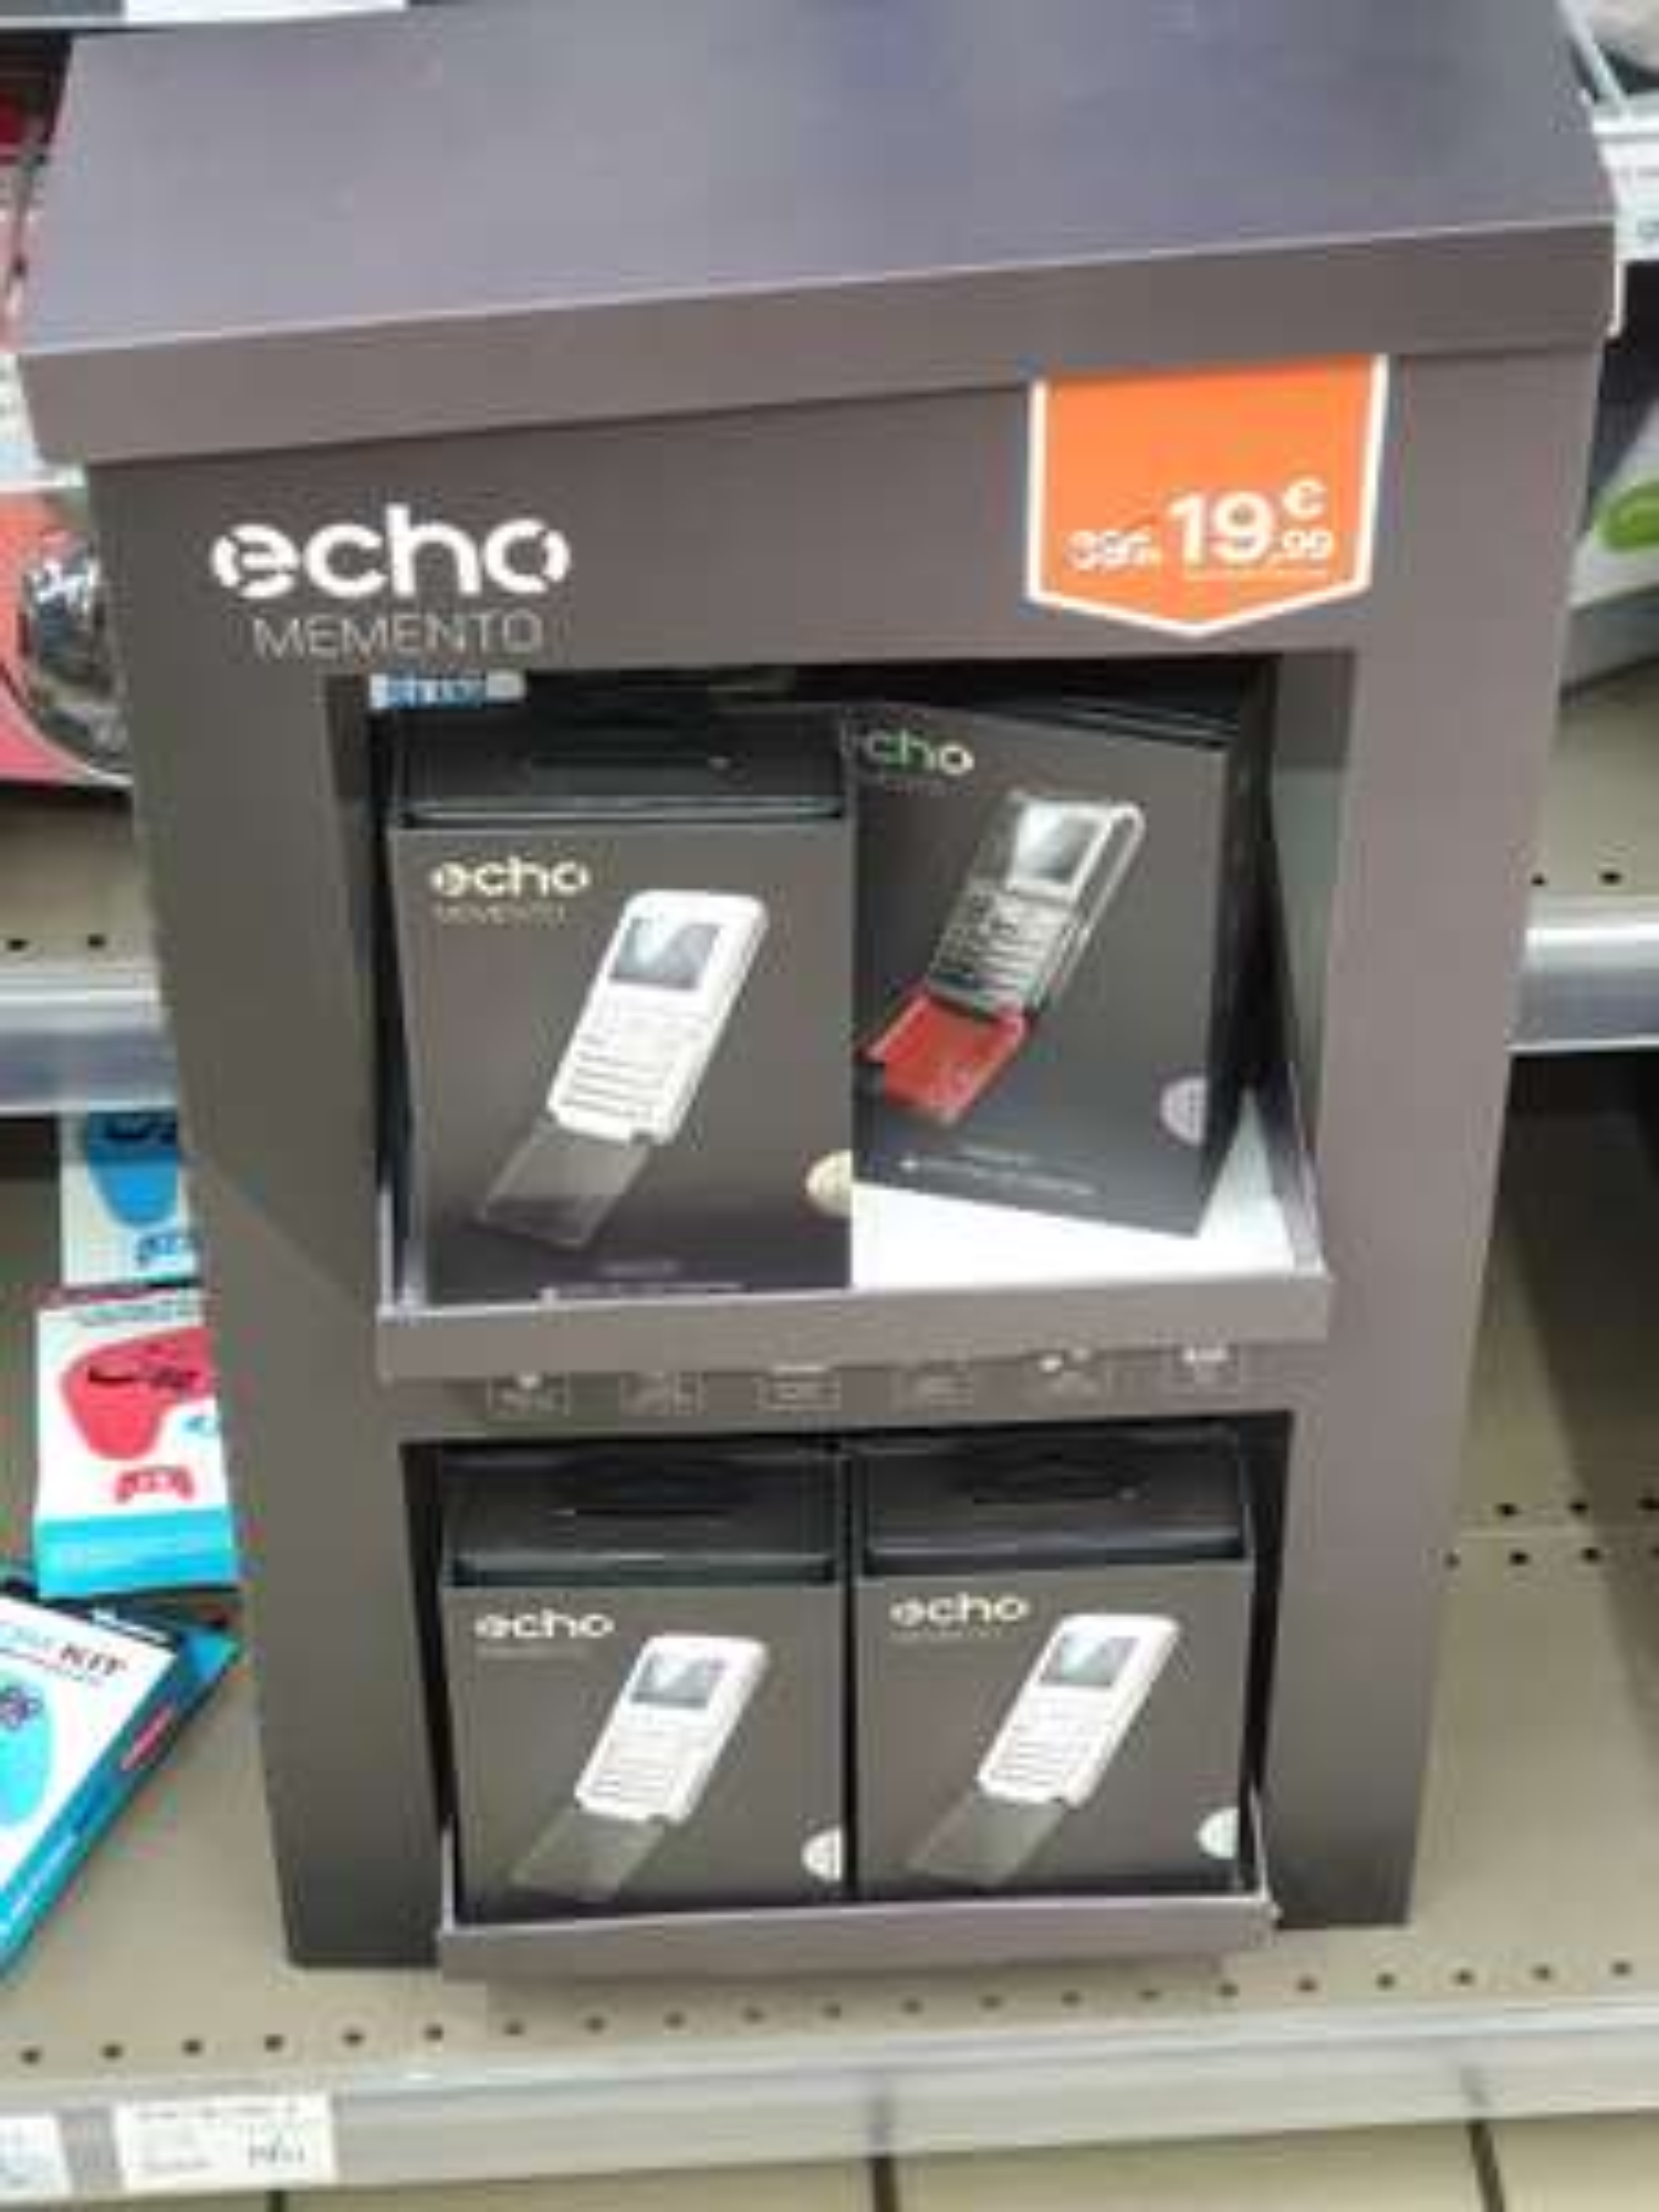 Telephone 2G Echo Memento - Double SIM, Bluetooth 2.0 - Super U Ecouen (95)